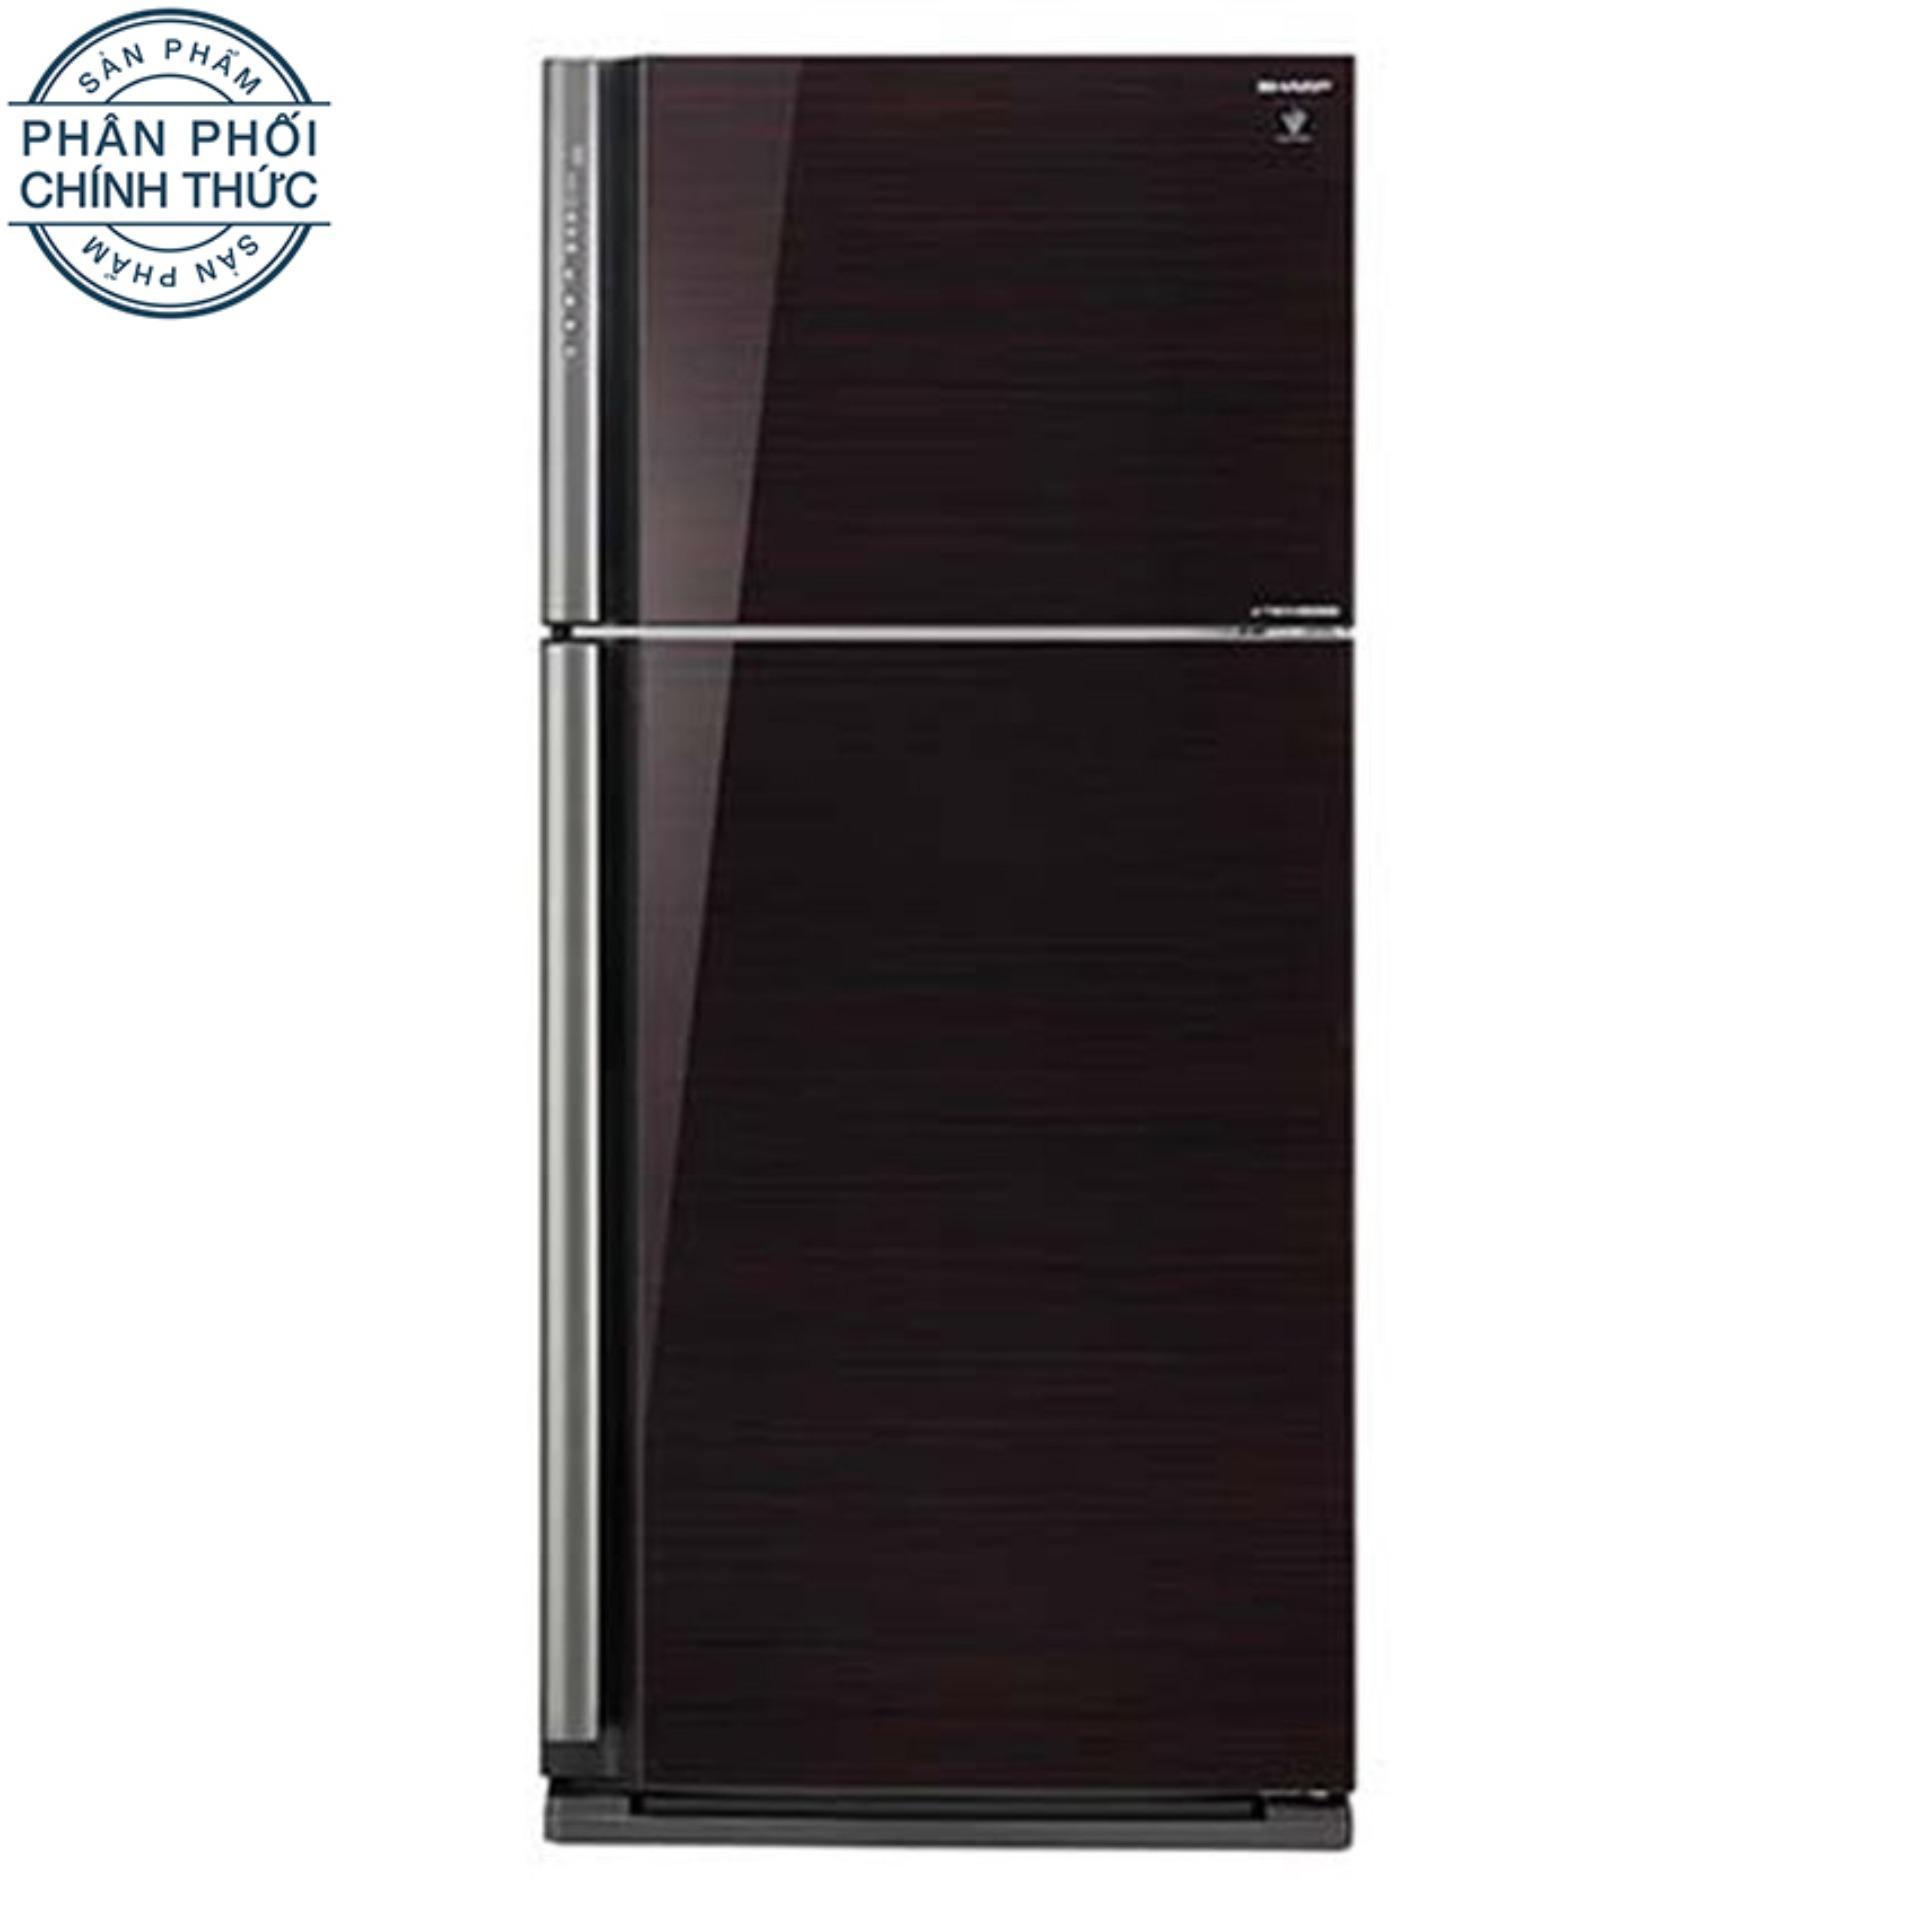 Tủ lạnh Sharp Dolphin SJ-XP630PG-BK 627L (Đen)